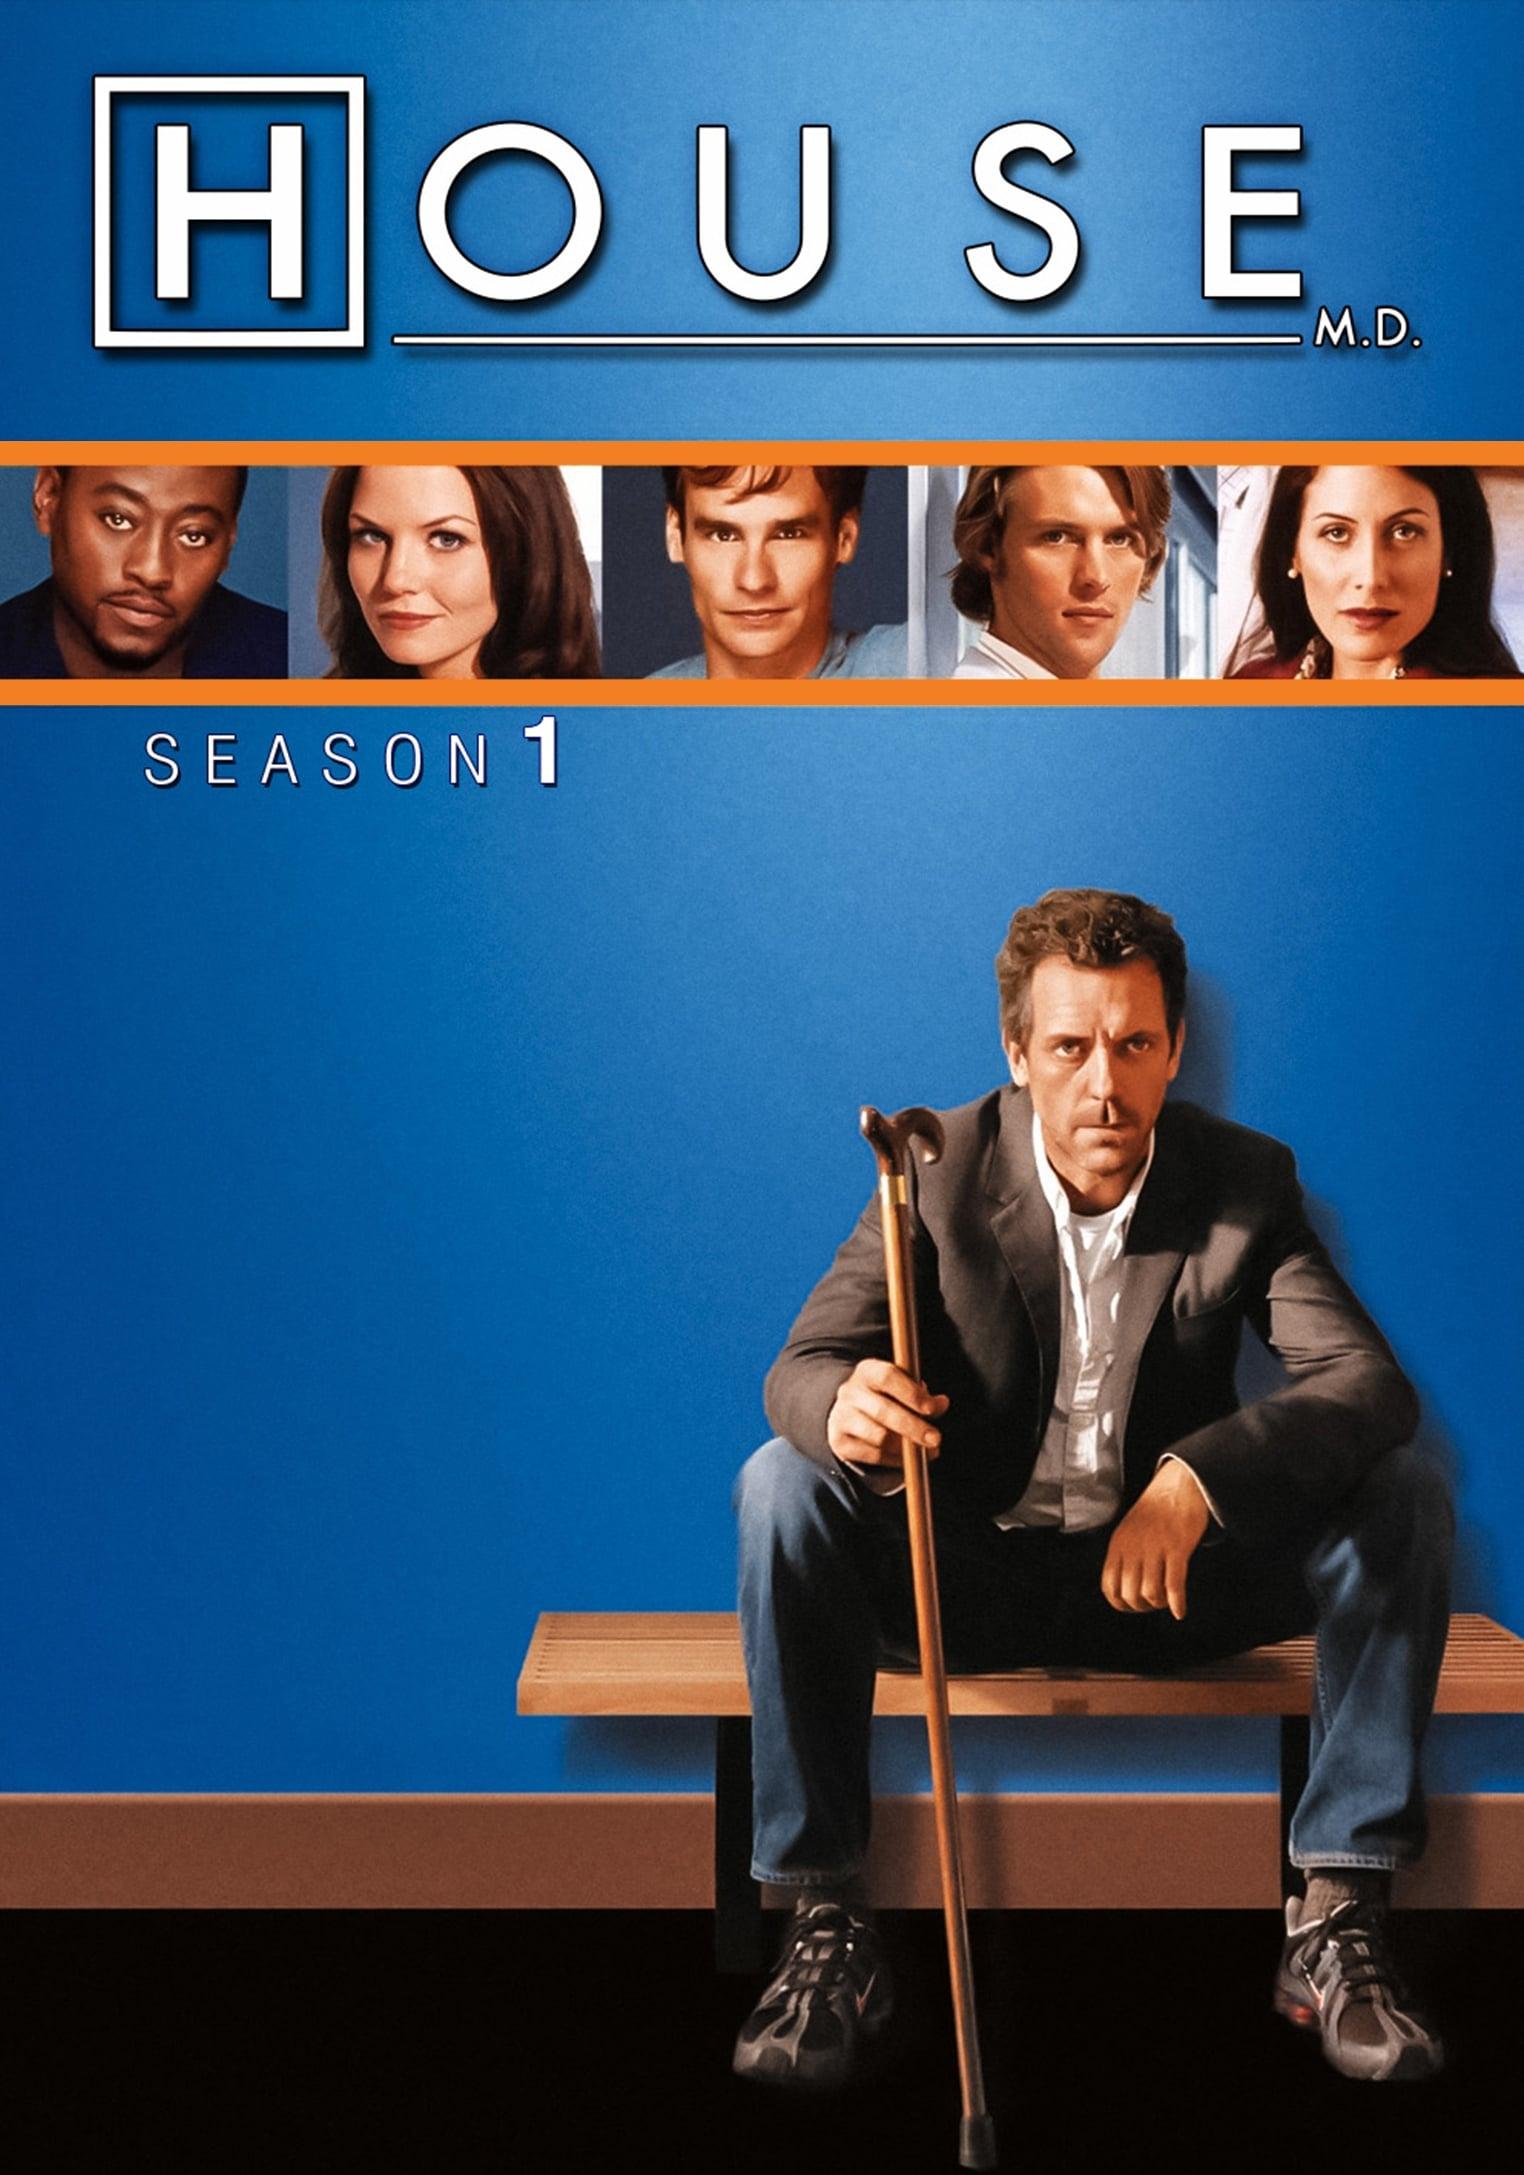 House Season 1